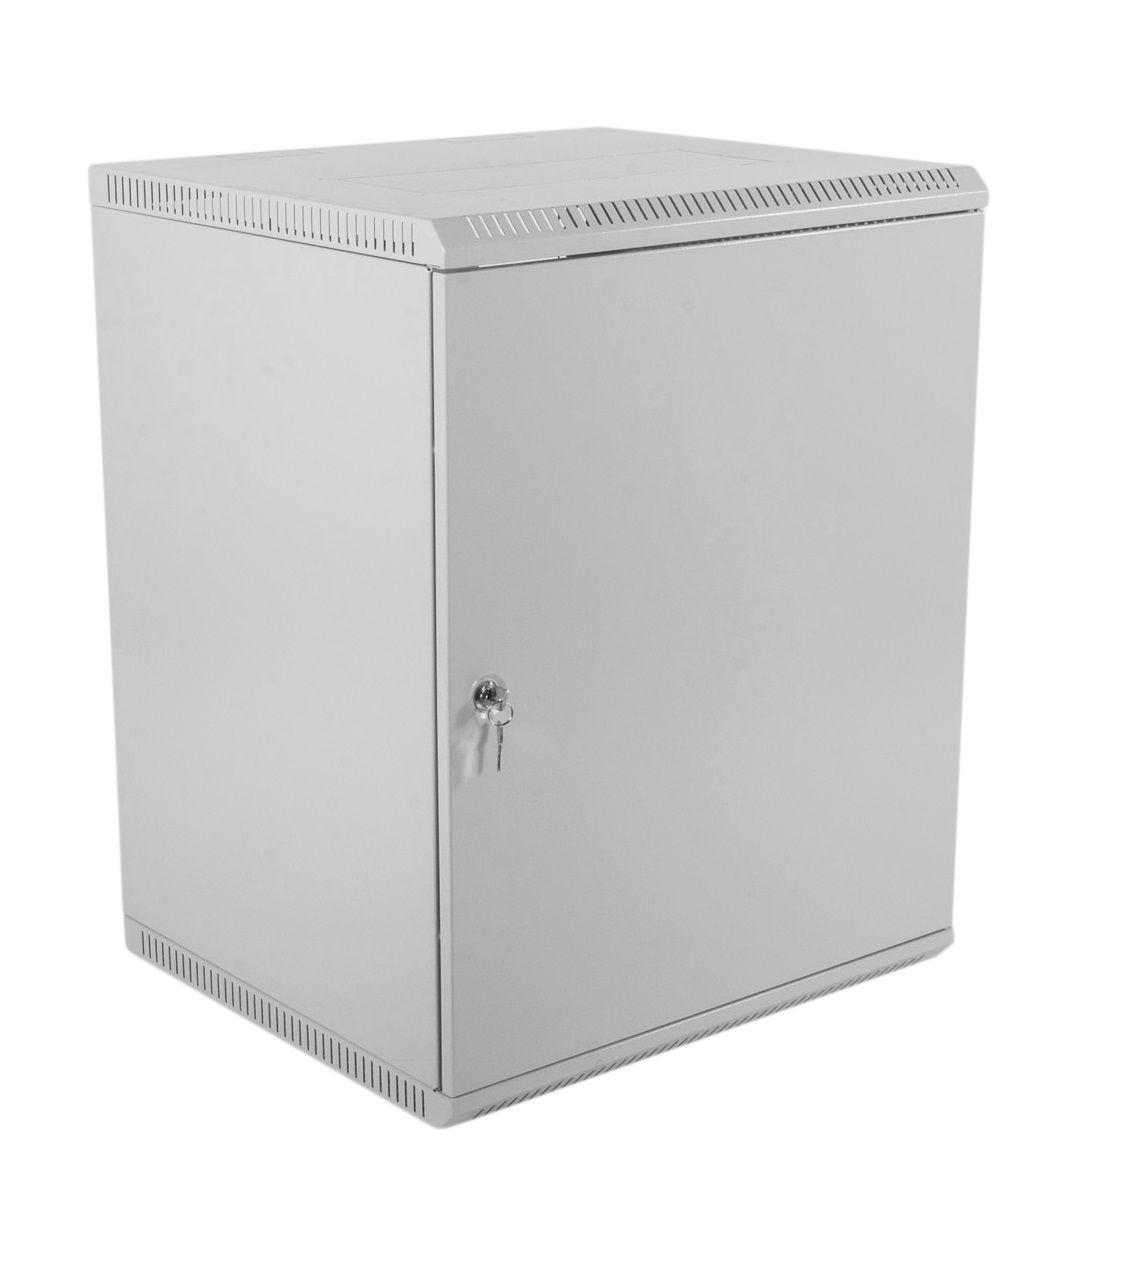 Шкаф ЦМО настенный 18U 600х650 (ШРН-Э-18.650.1)